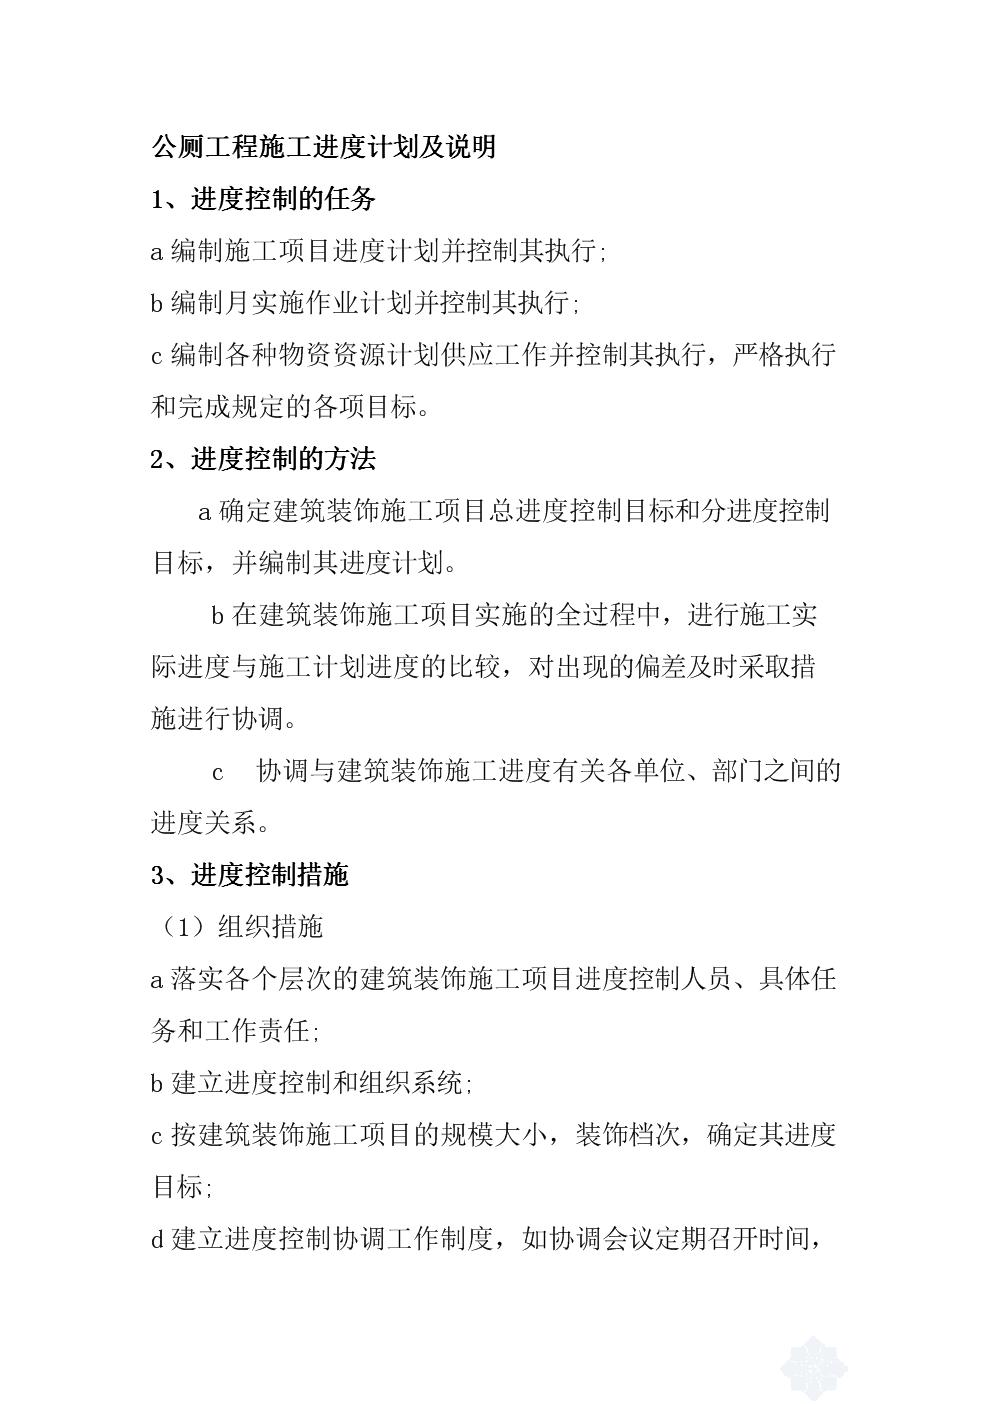 公厕工程施工进度计划及说明.doc